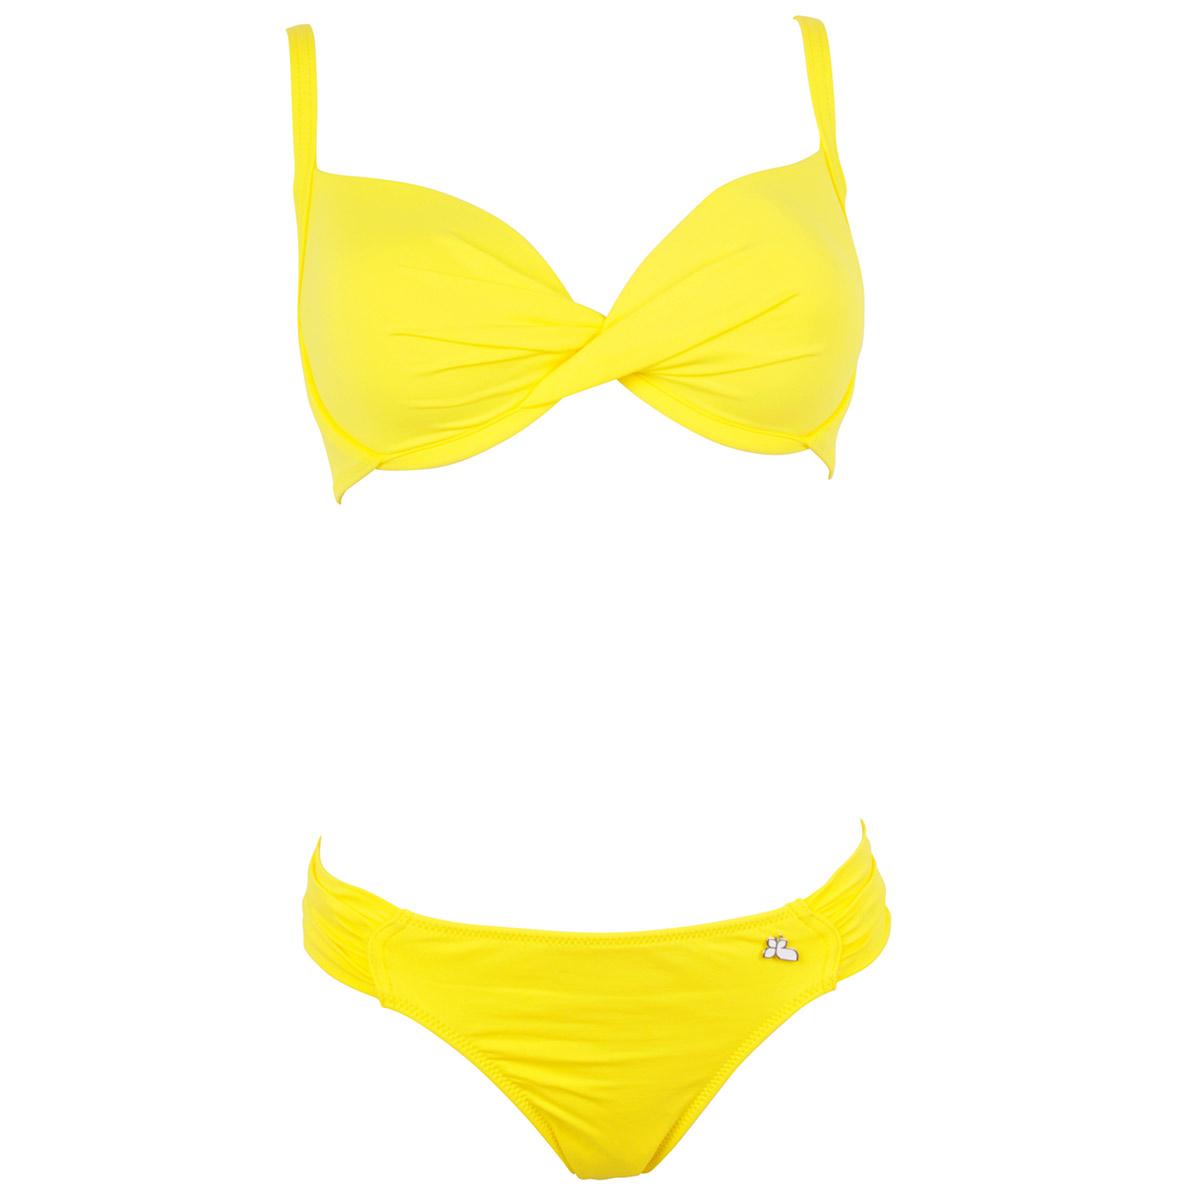 maillot de bain 2 pi ces bonnet d jaune unicool forte poitrine. Black Bedroom Furniture Sets. Home Design Ideas